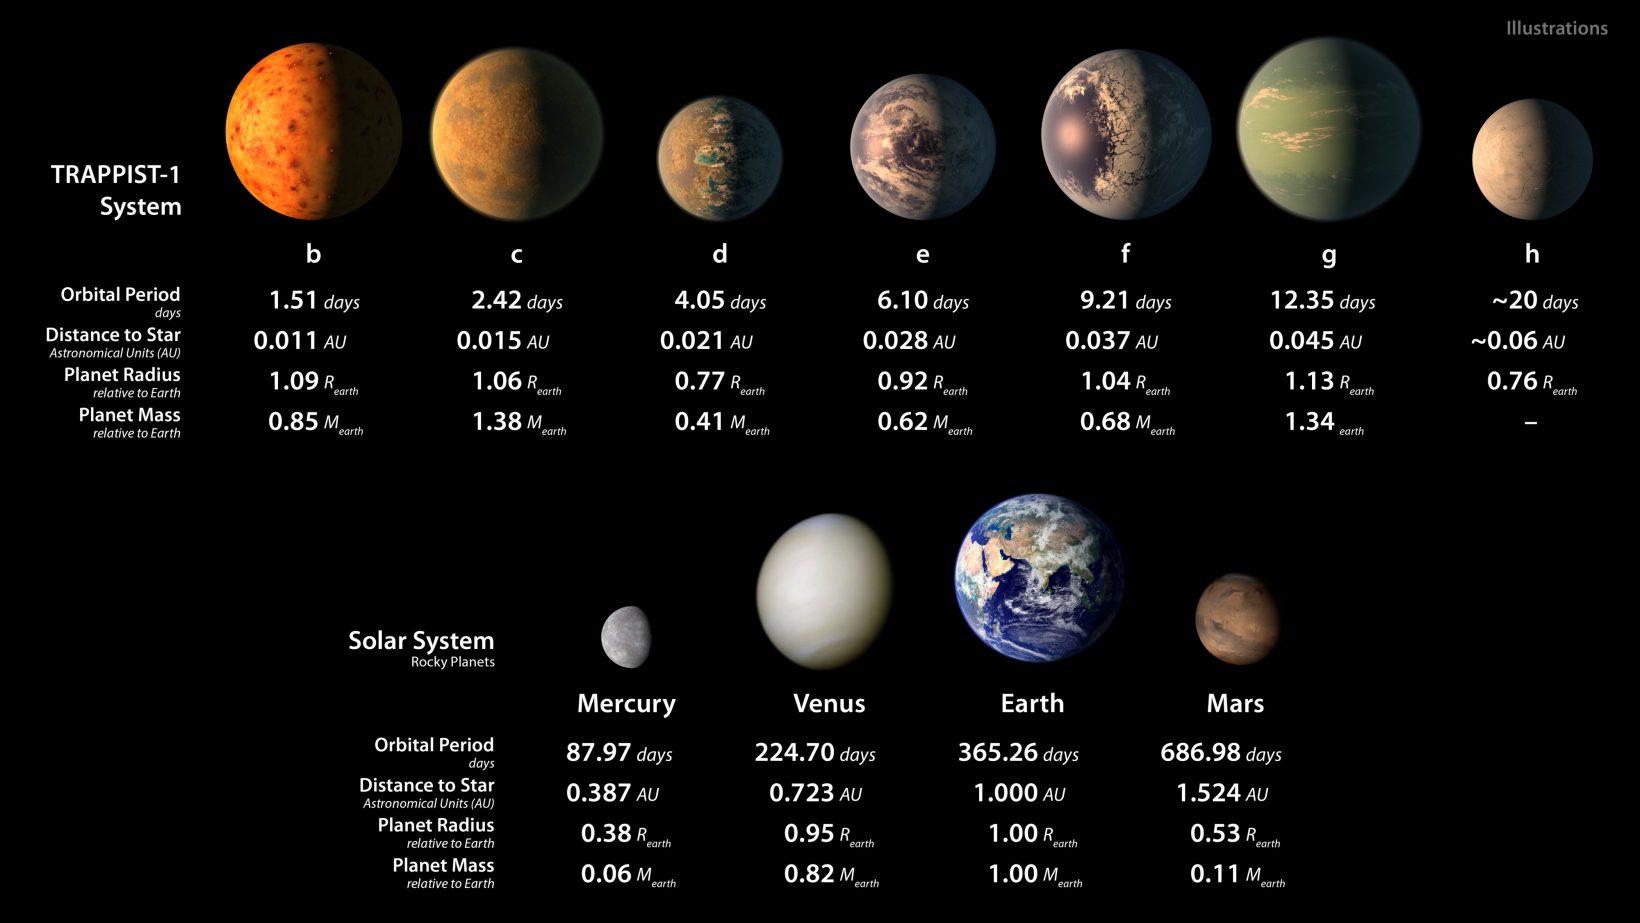 Сравнение семи экзопланет ипланет Солнечной системы.